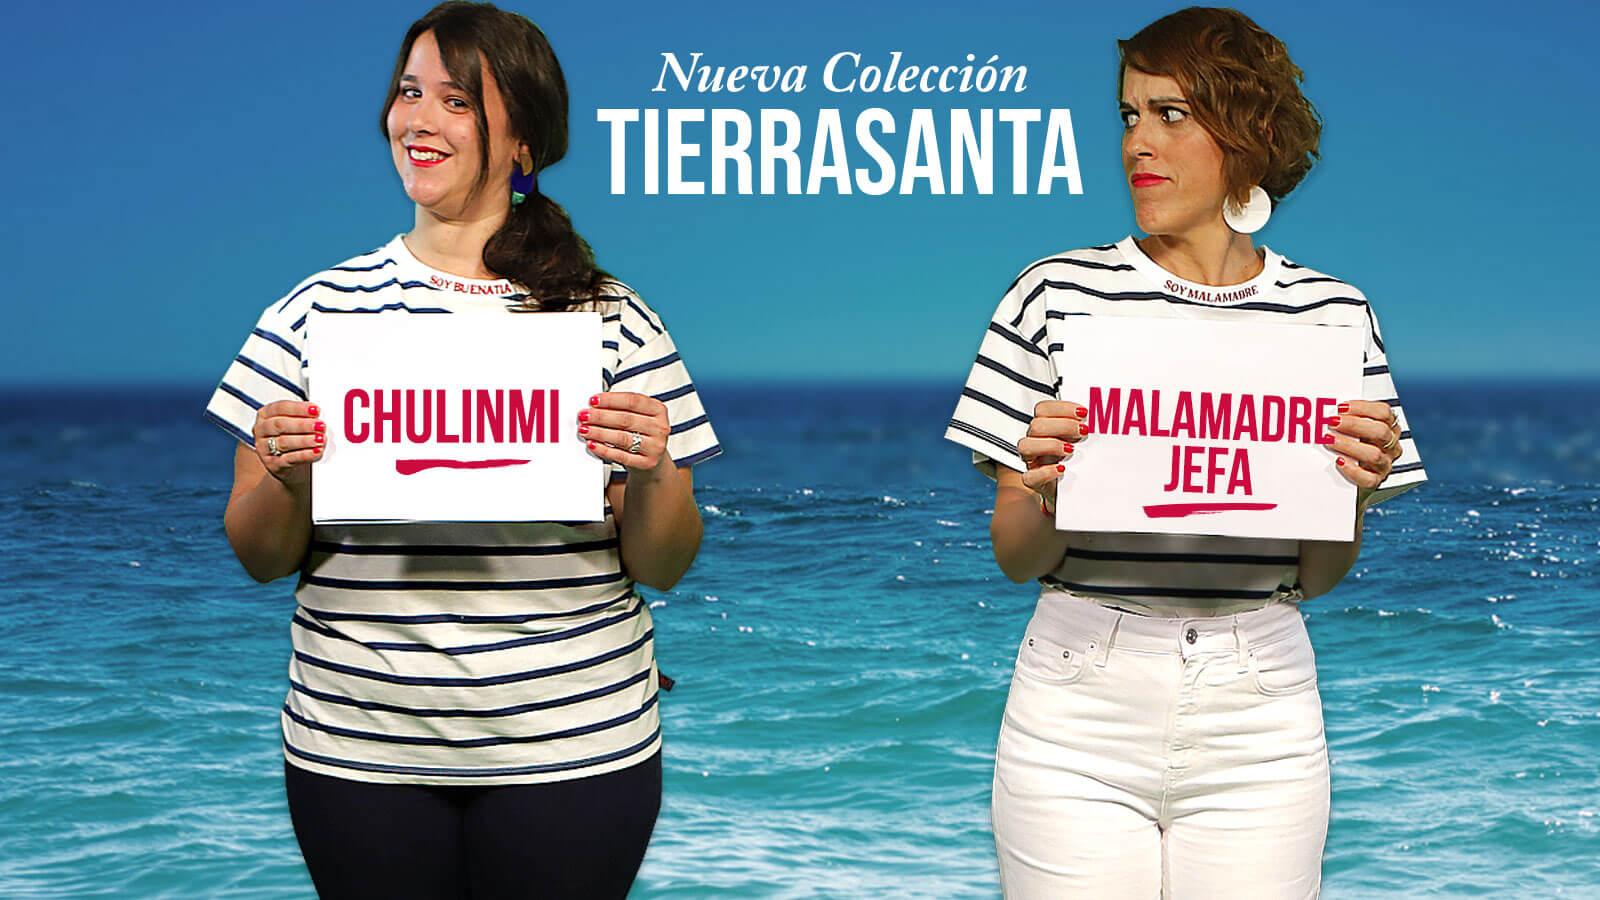 Nueva Colección Tierrasanta